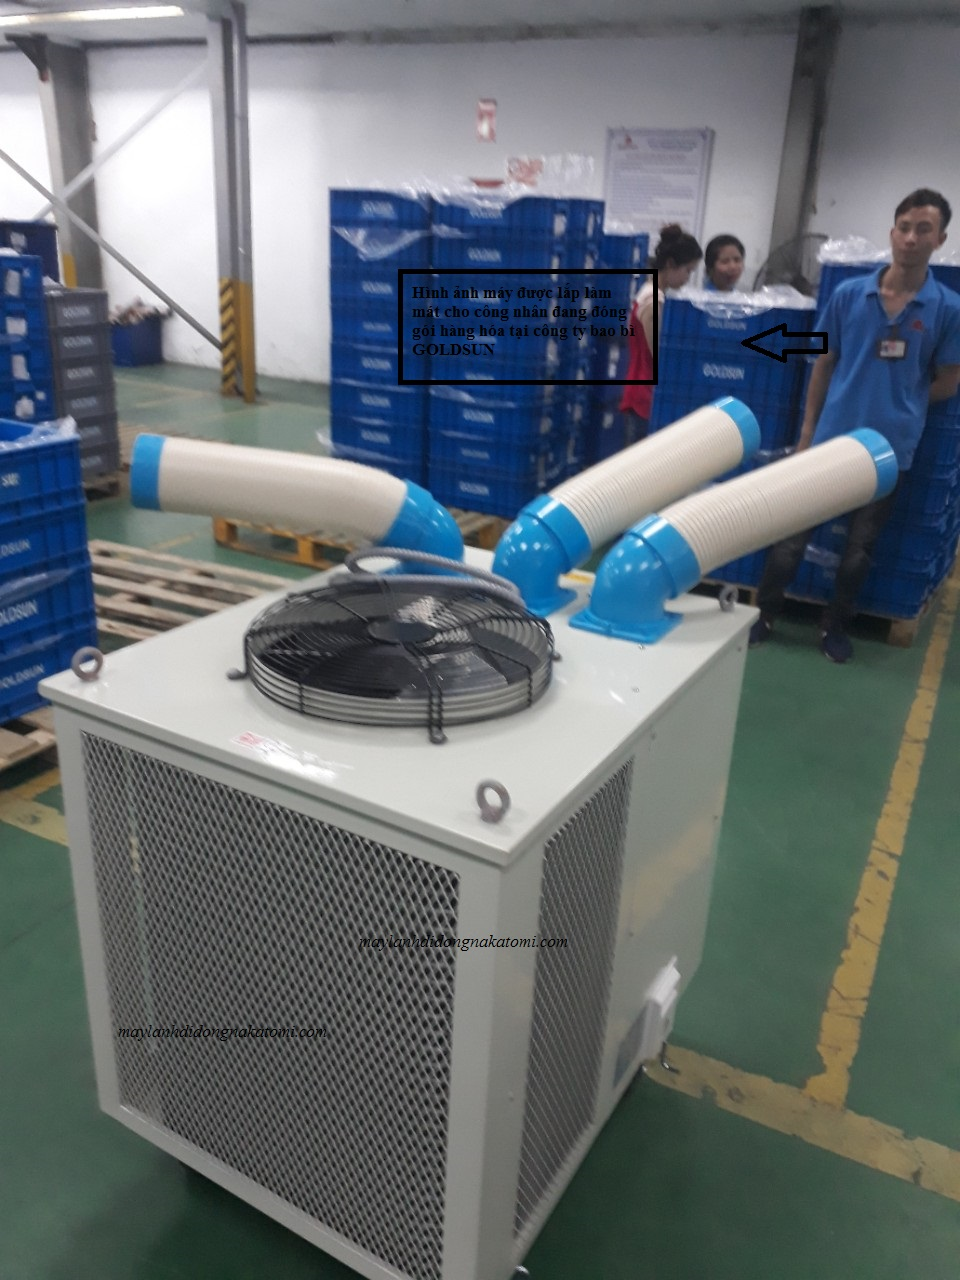 Thi công lắp máy lạnh di động nakatomi SAC-7500 cho nhà máy bao bì GOLDSUN-3